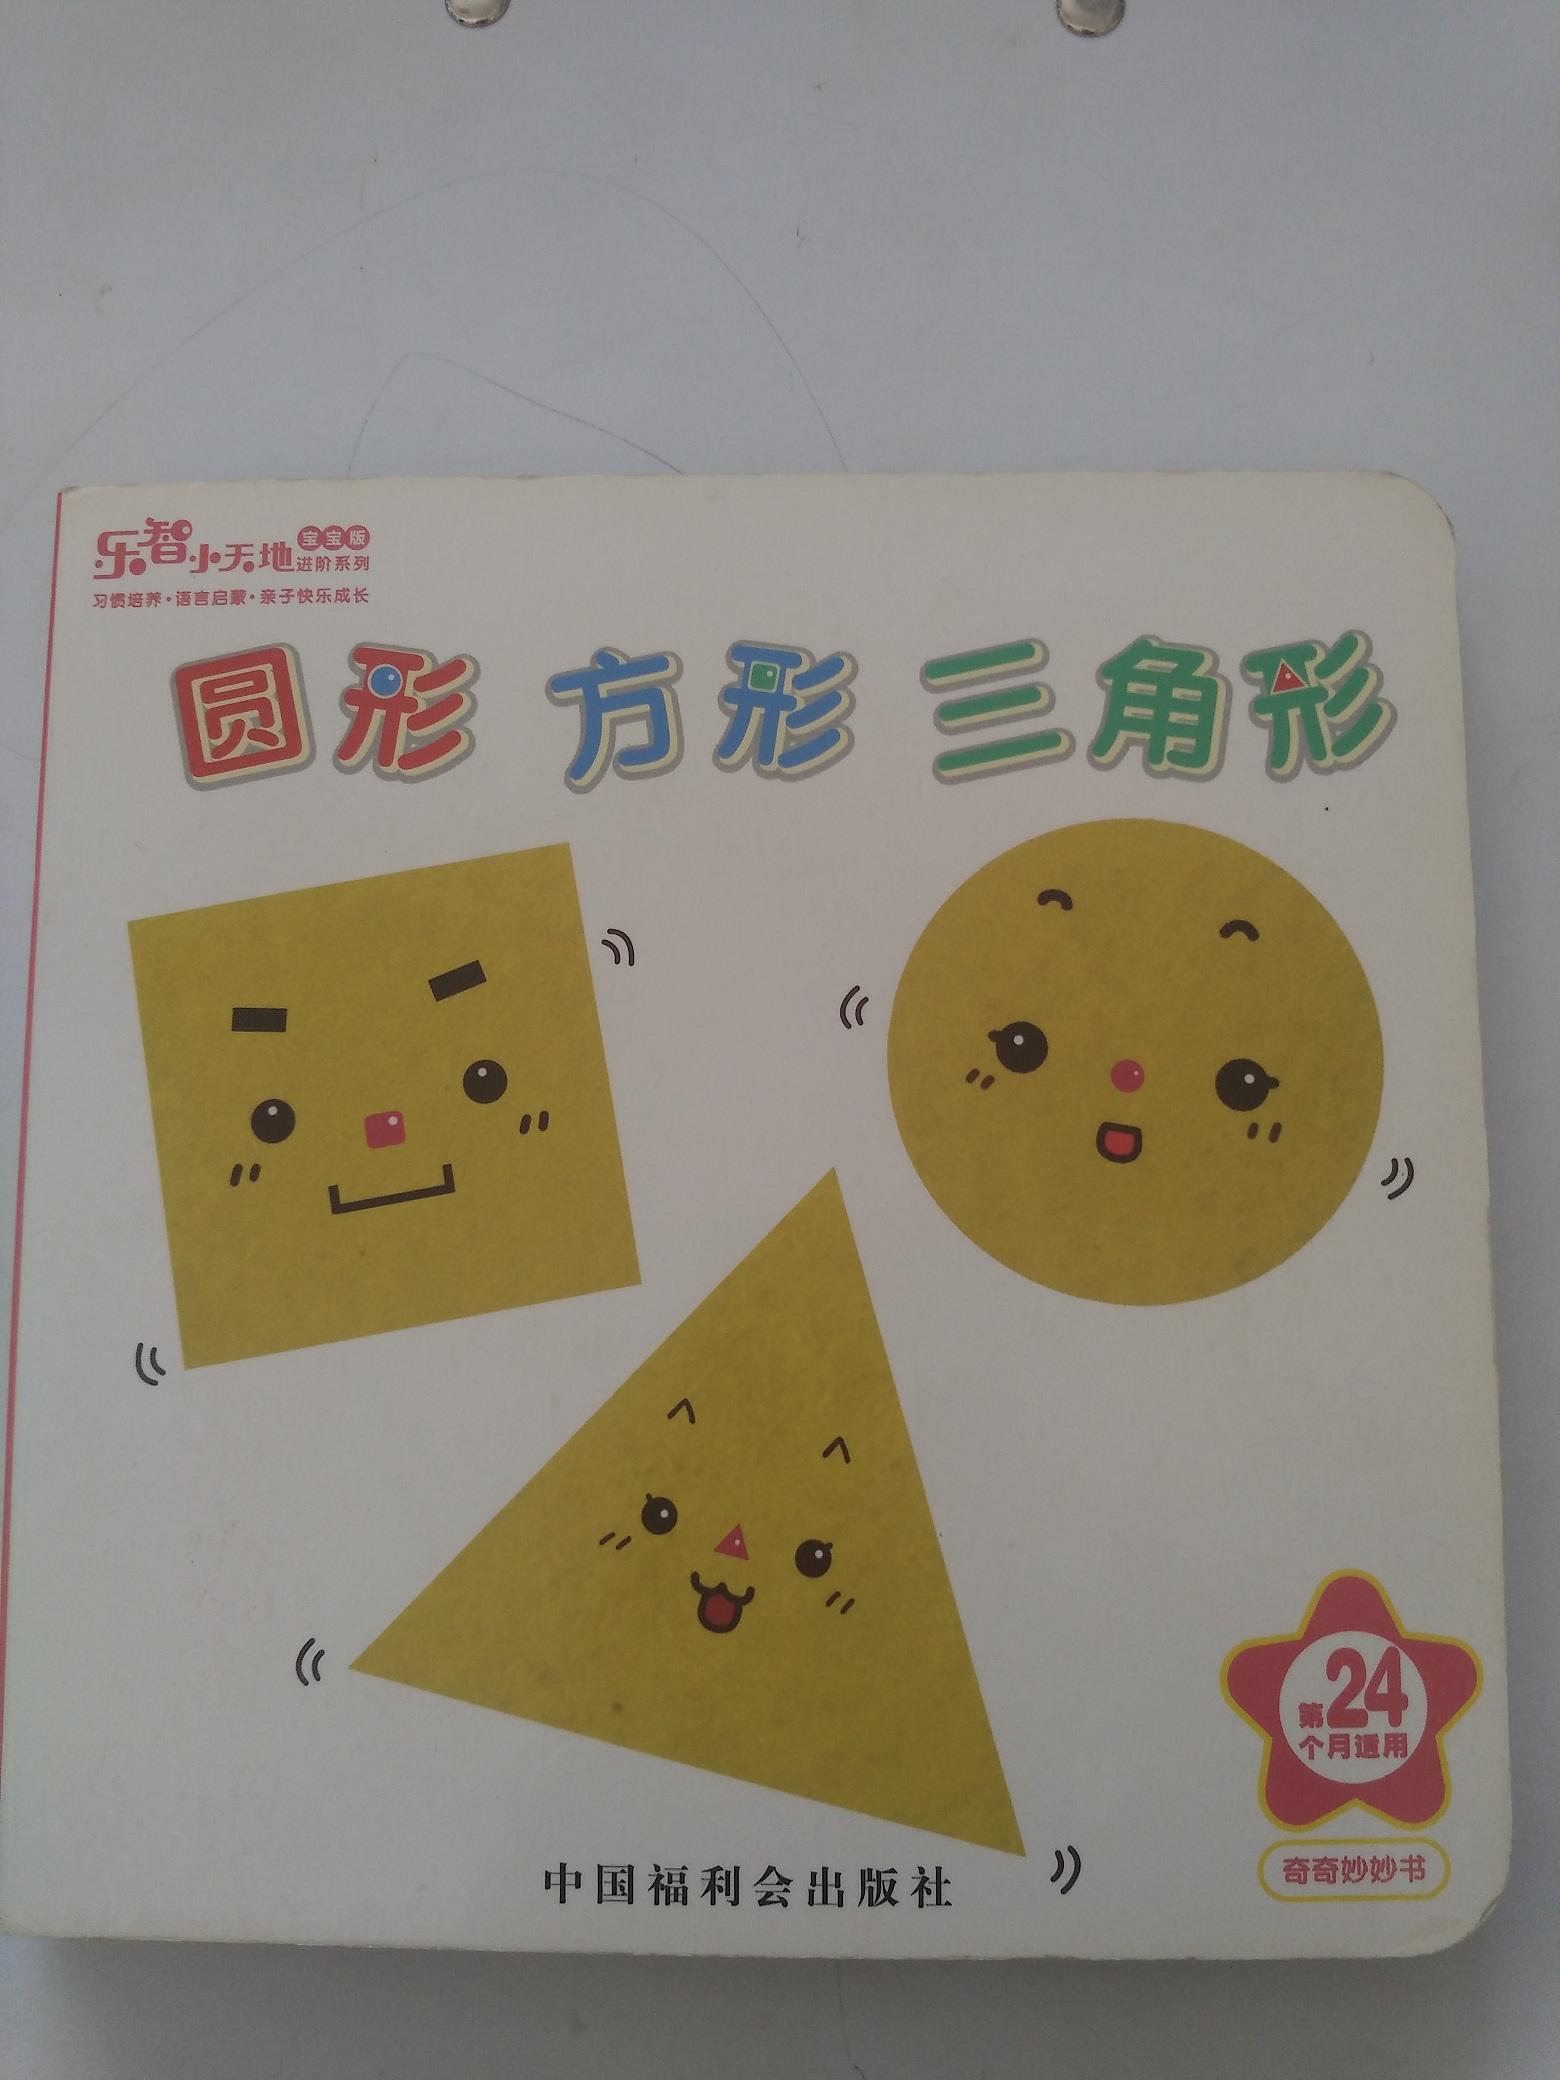 圆形,方形,三角形